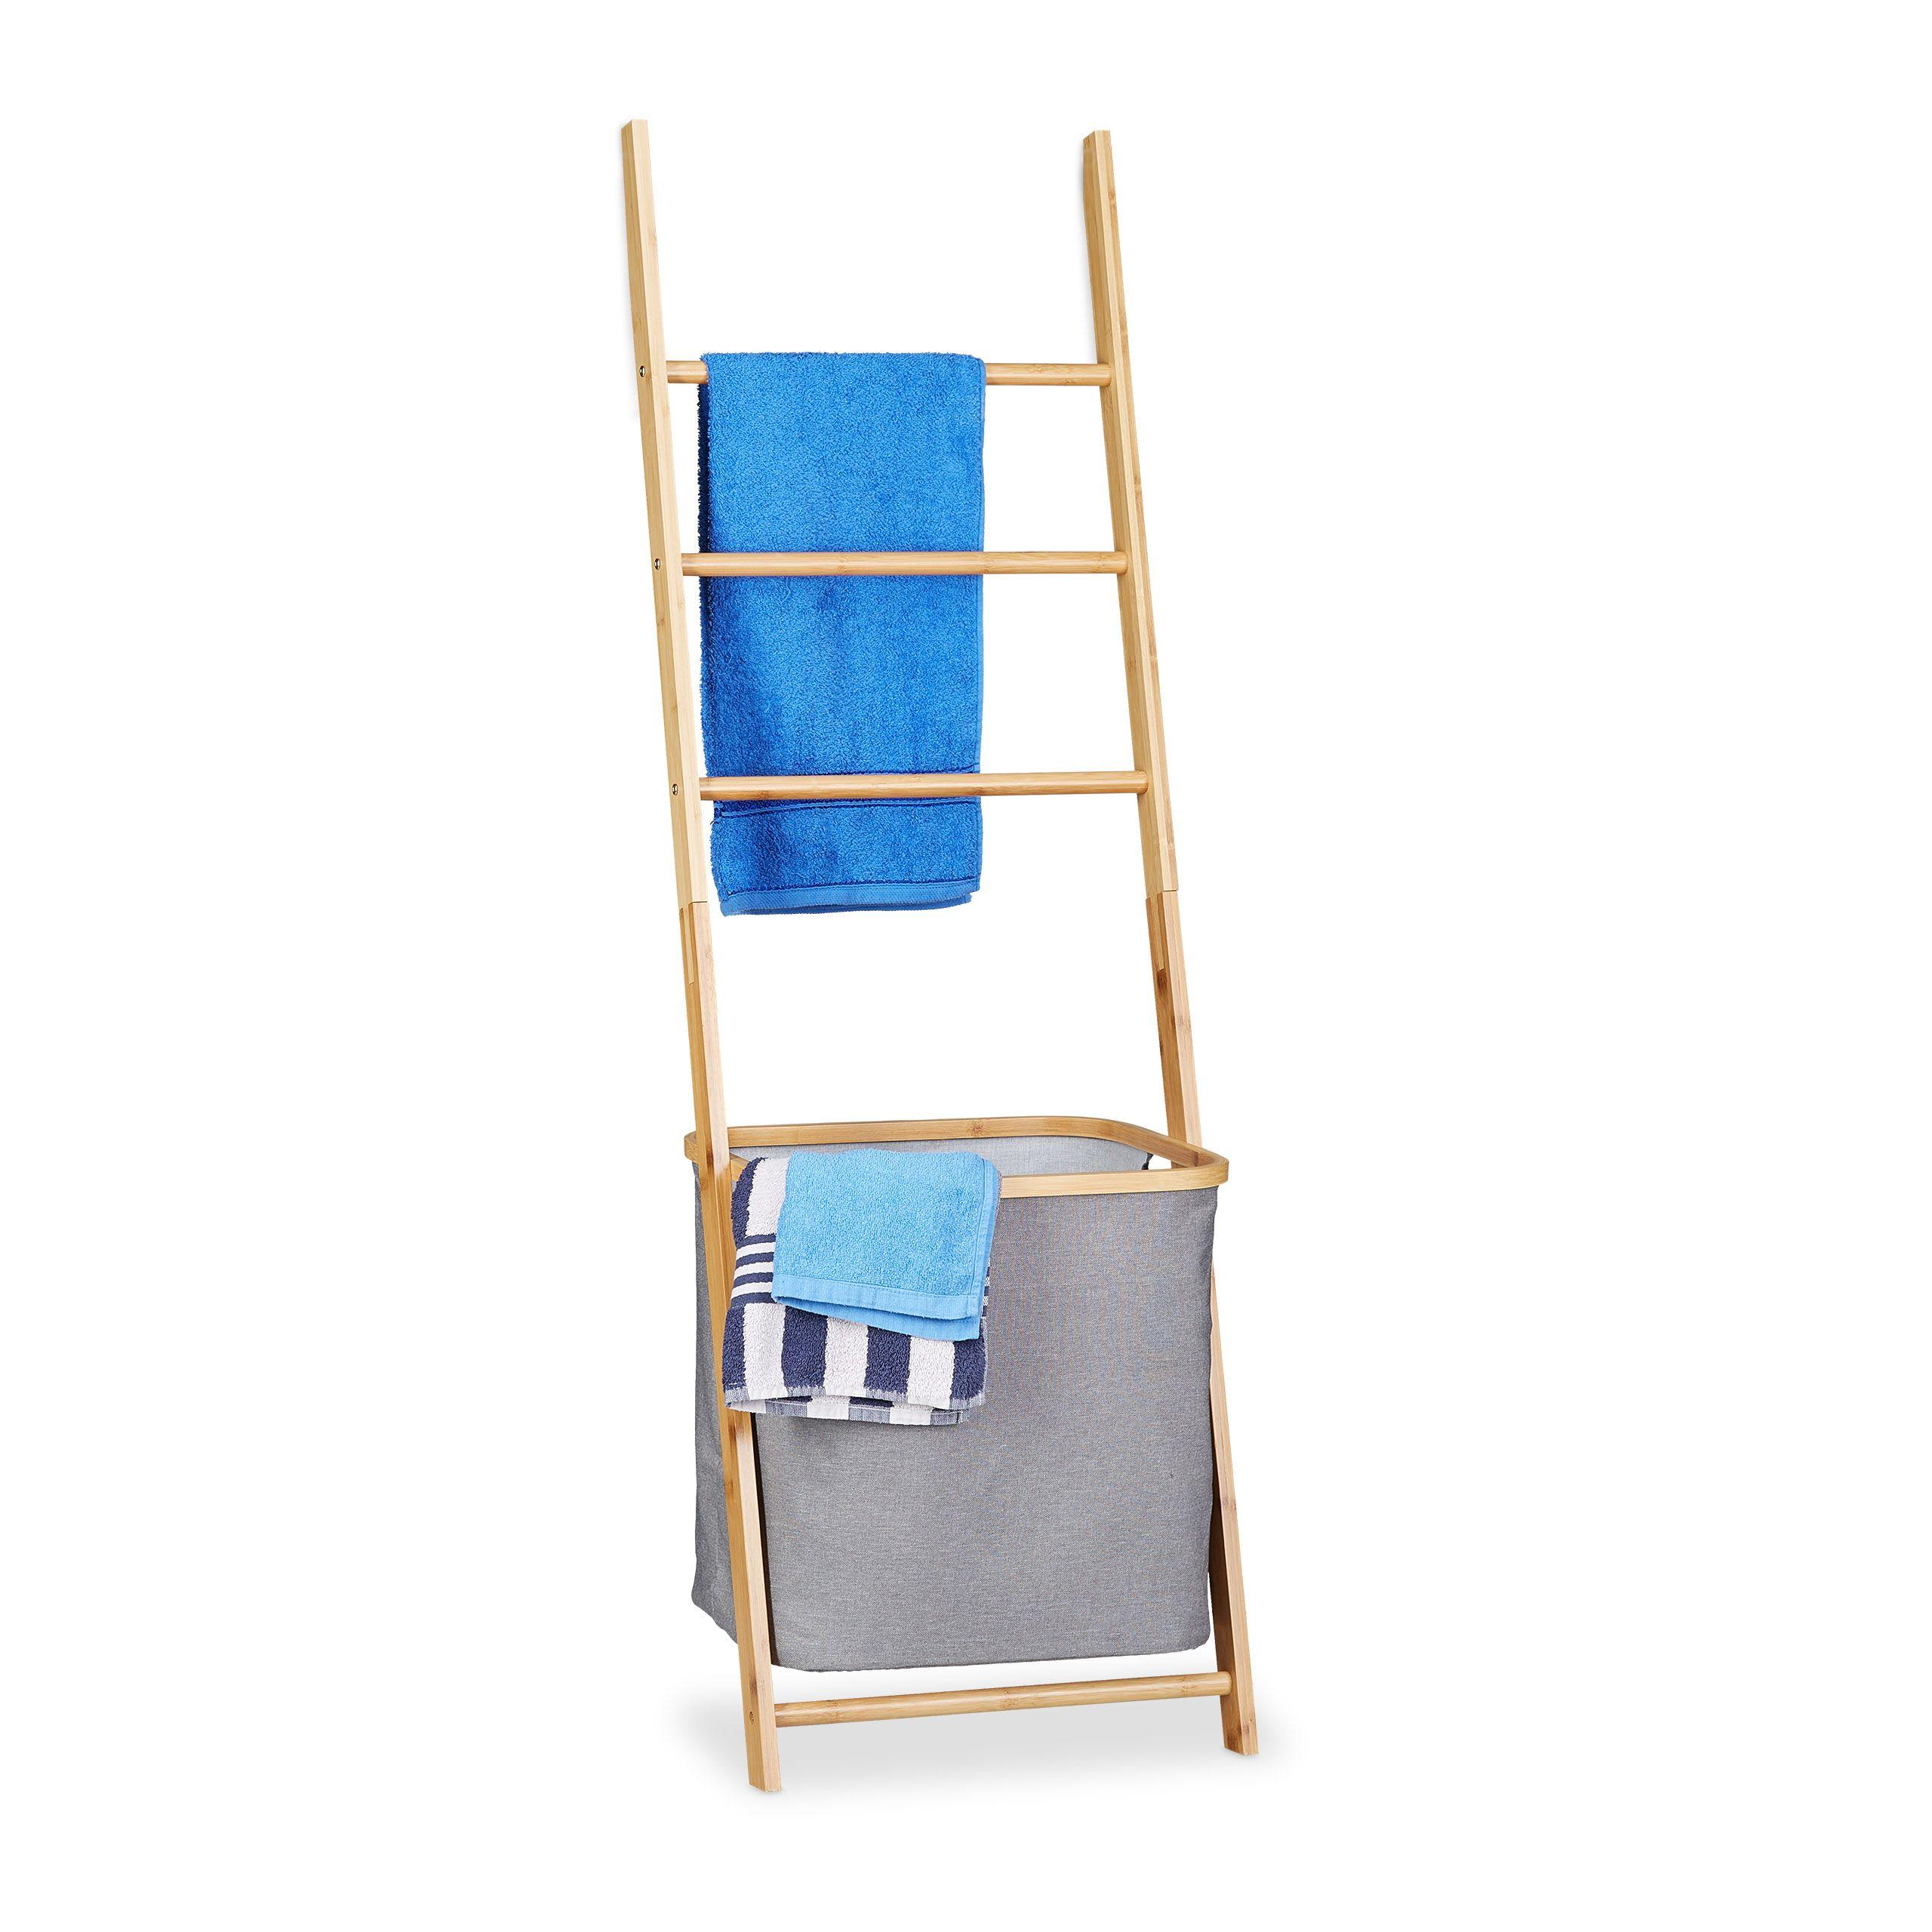 Handtuchhalter Bambus Mit Waschesack Handtuchhalter Bambus Handtuchhalter Waschesack